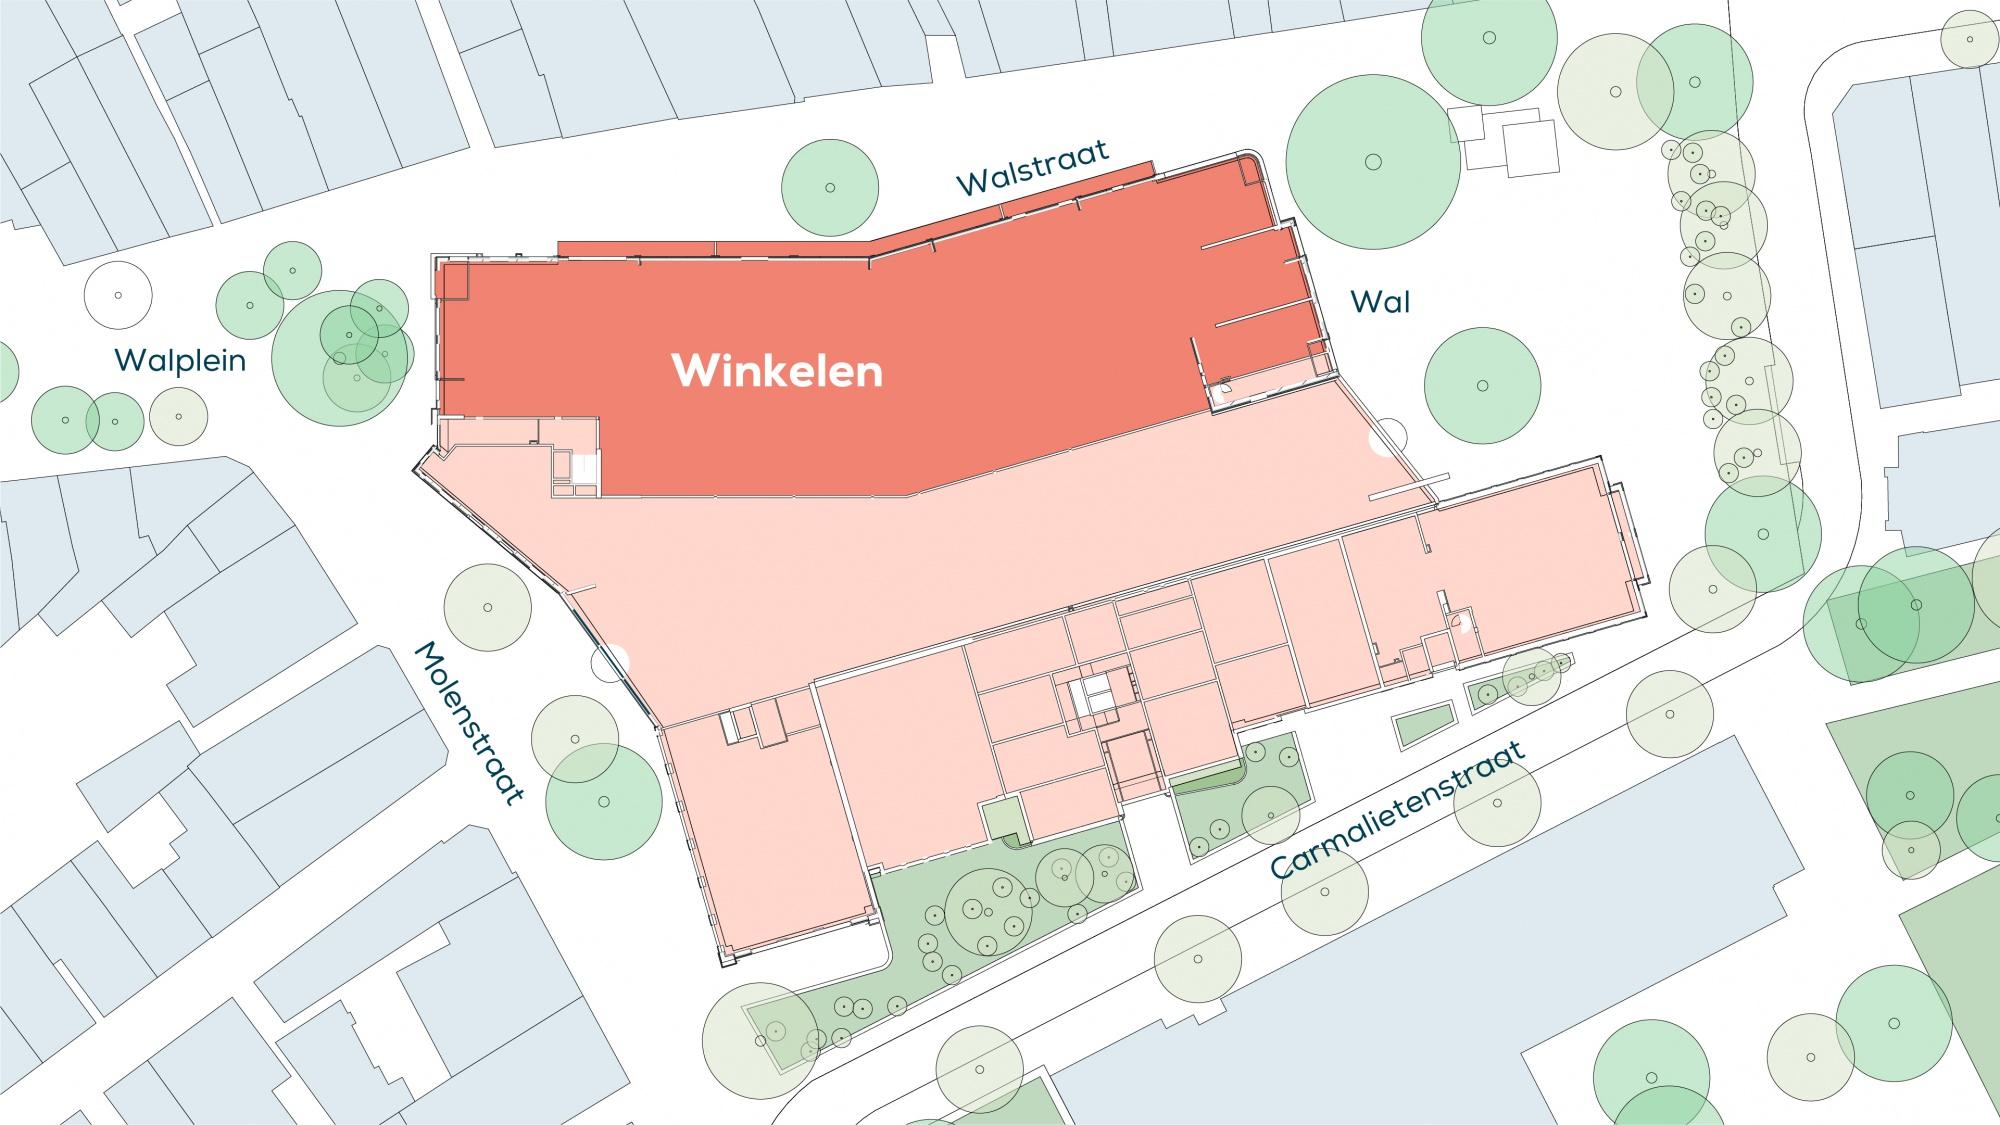 Hier is een plattegrond afgebeeld waarop aangegeven wordt waar de retail zich uiteindelijk in het pand zal bevinden.